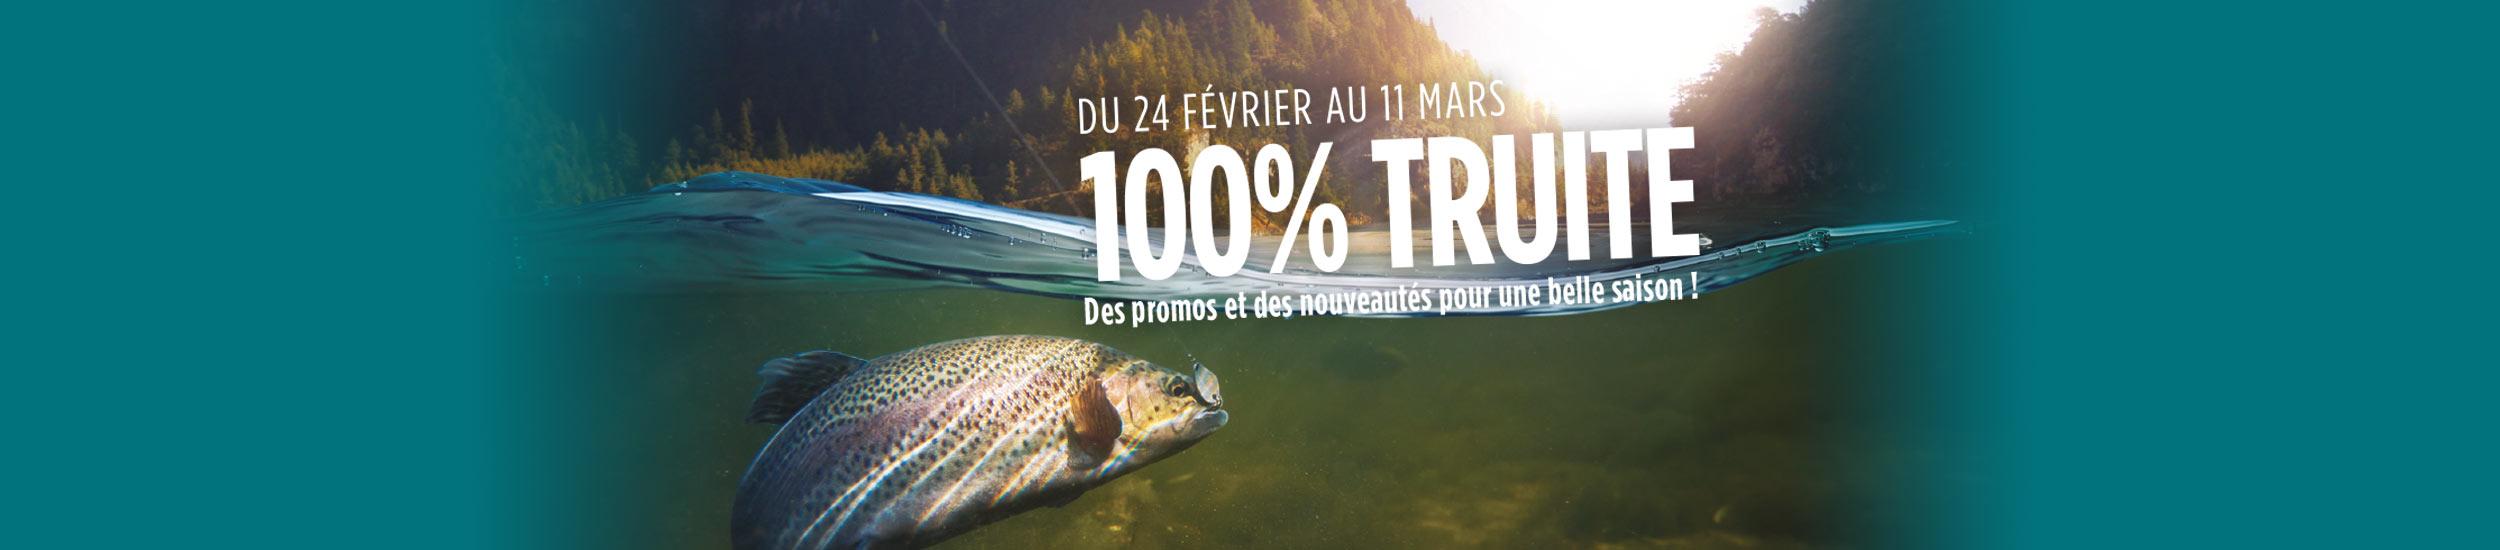 100% TRUITE